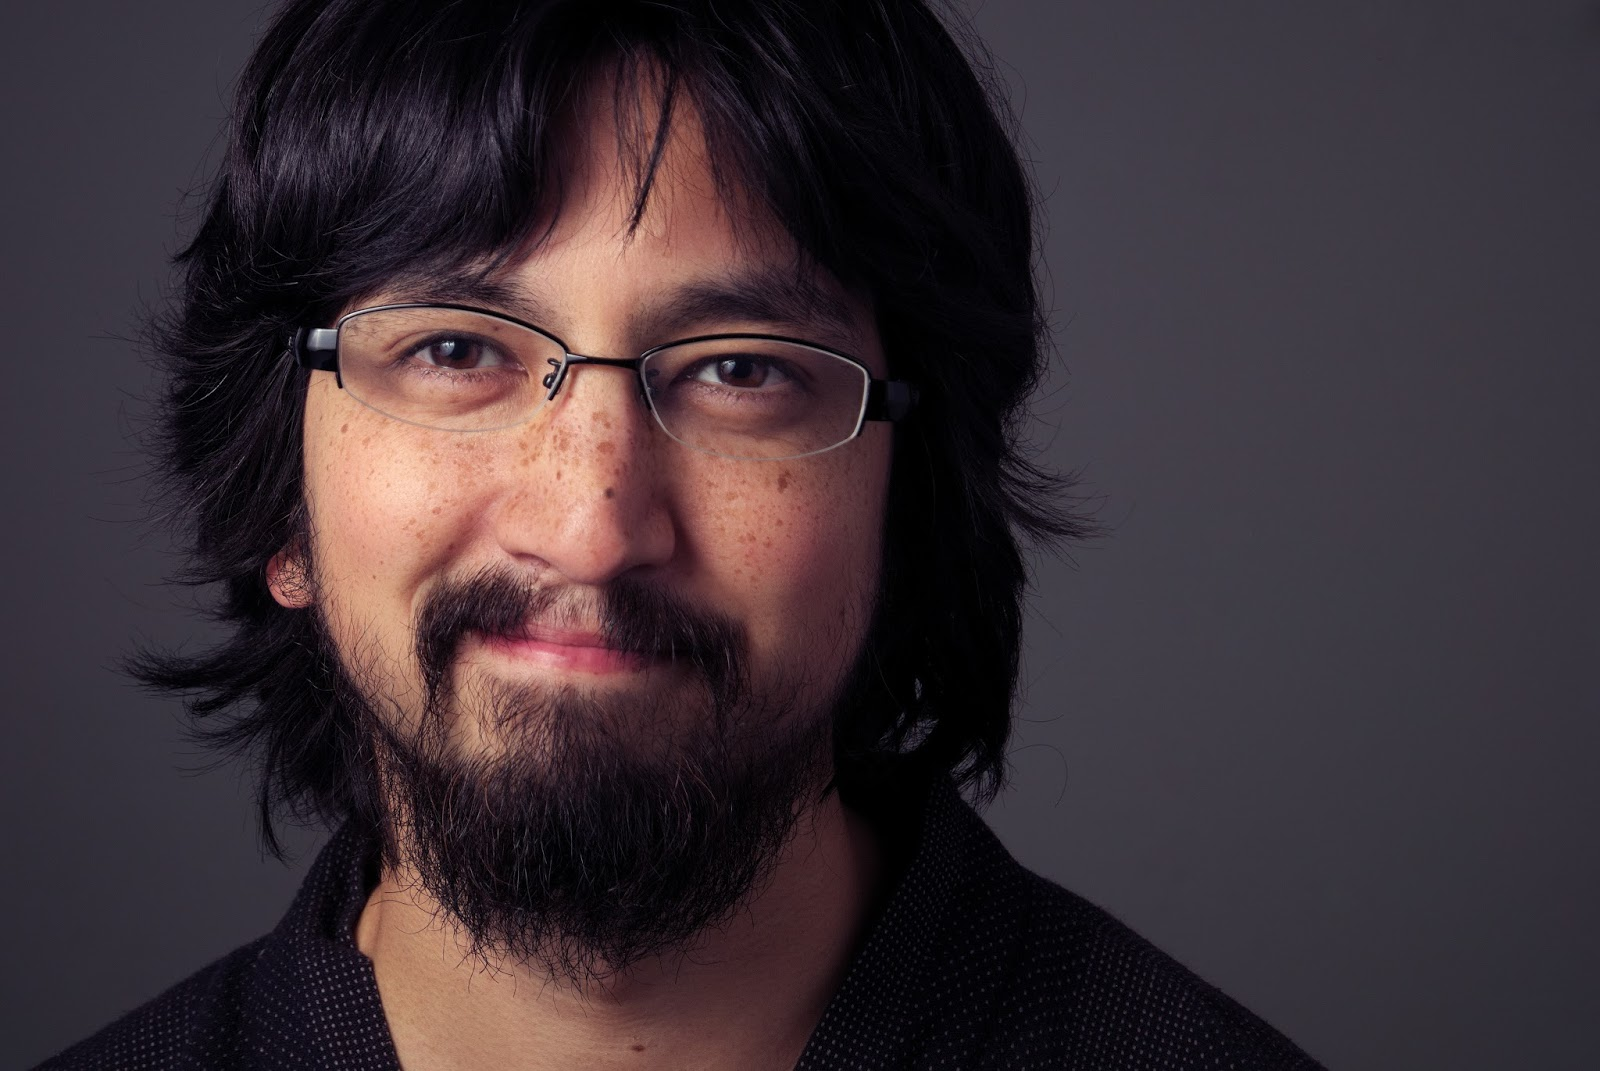 GIMP Team headshot portrait LGM Pat David